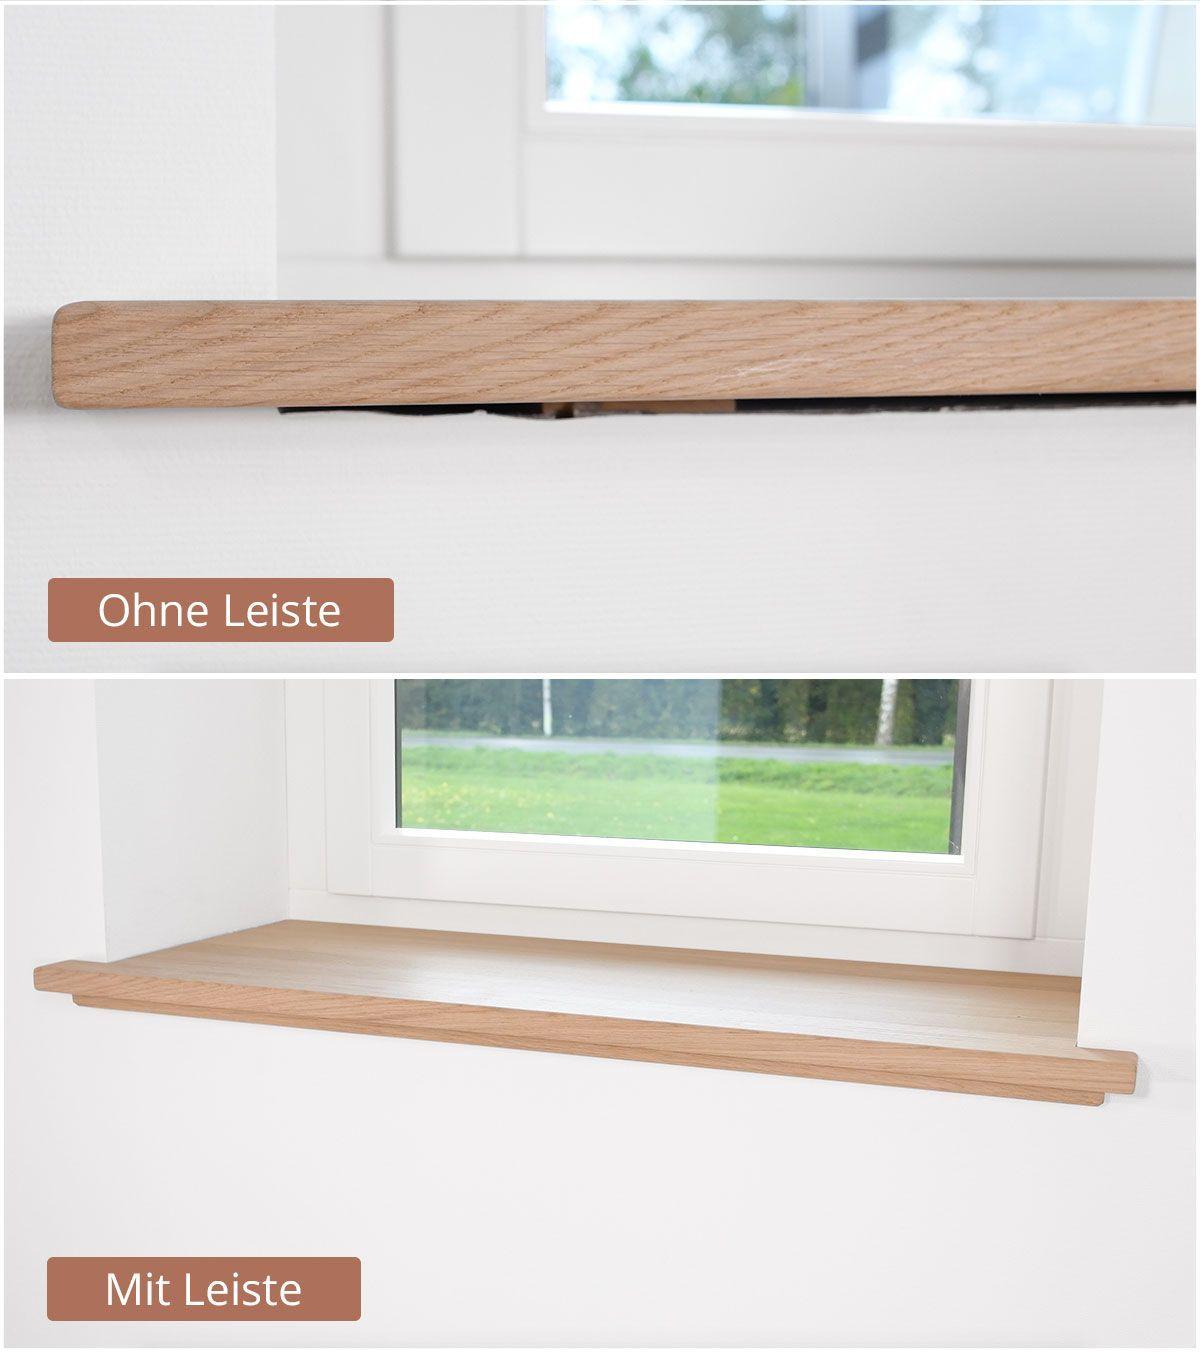 Fensterbank Holz Eiche Eiche Fensterbank Holz In 2020 Fensterbanke Holz Holzarten Eiche